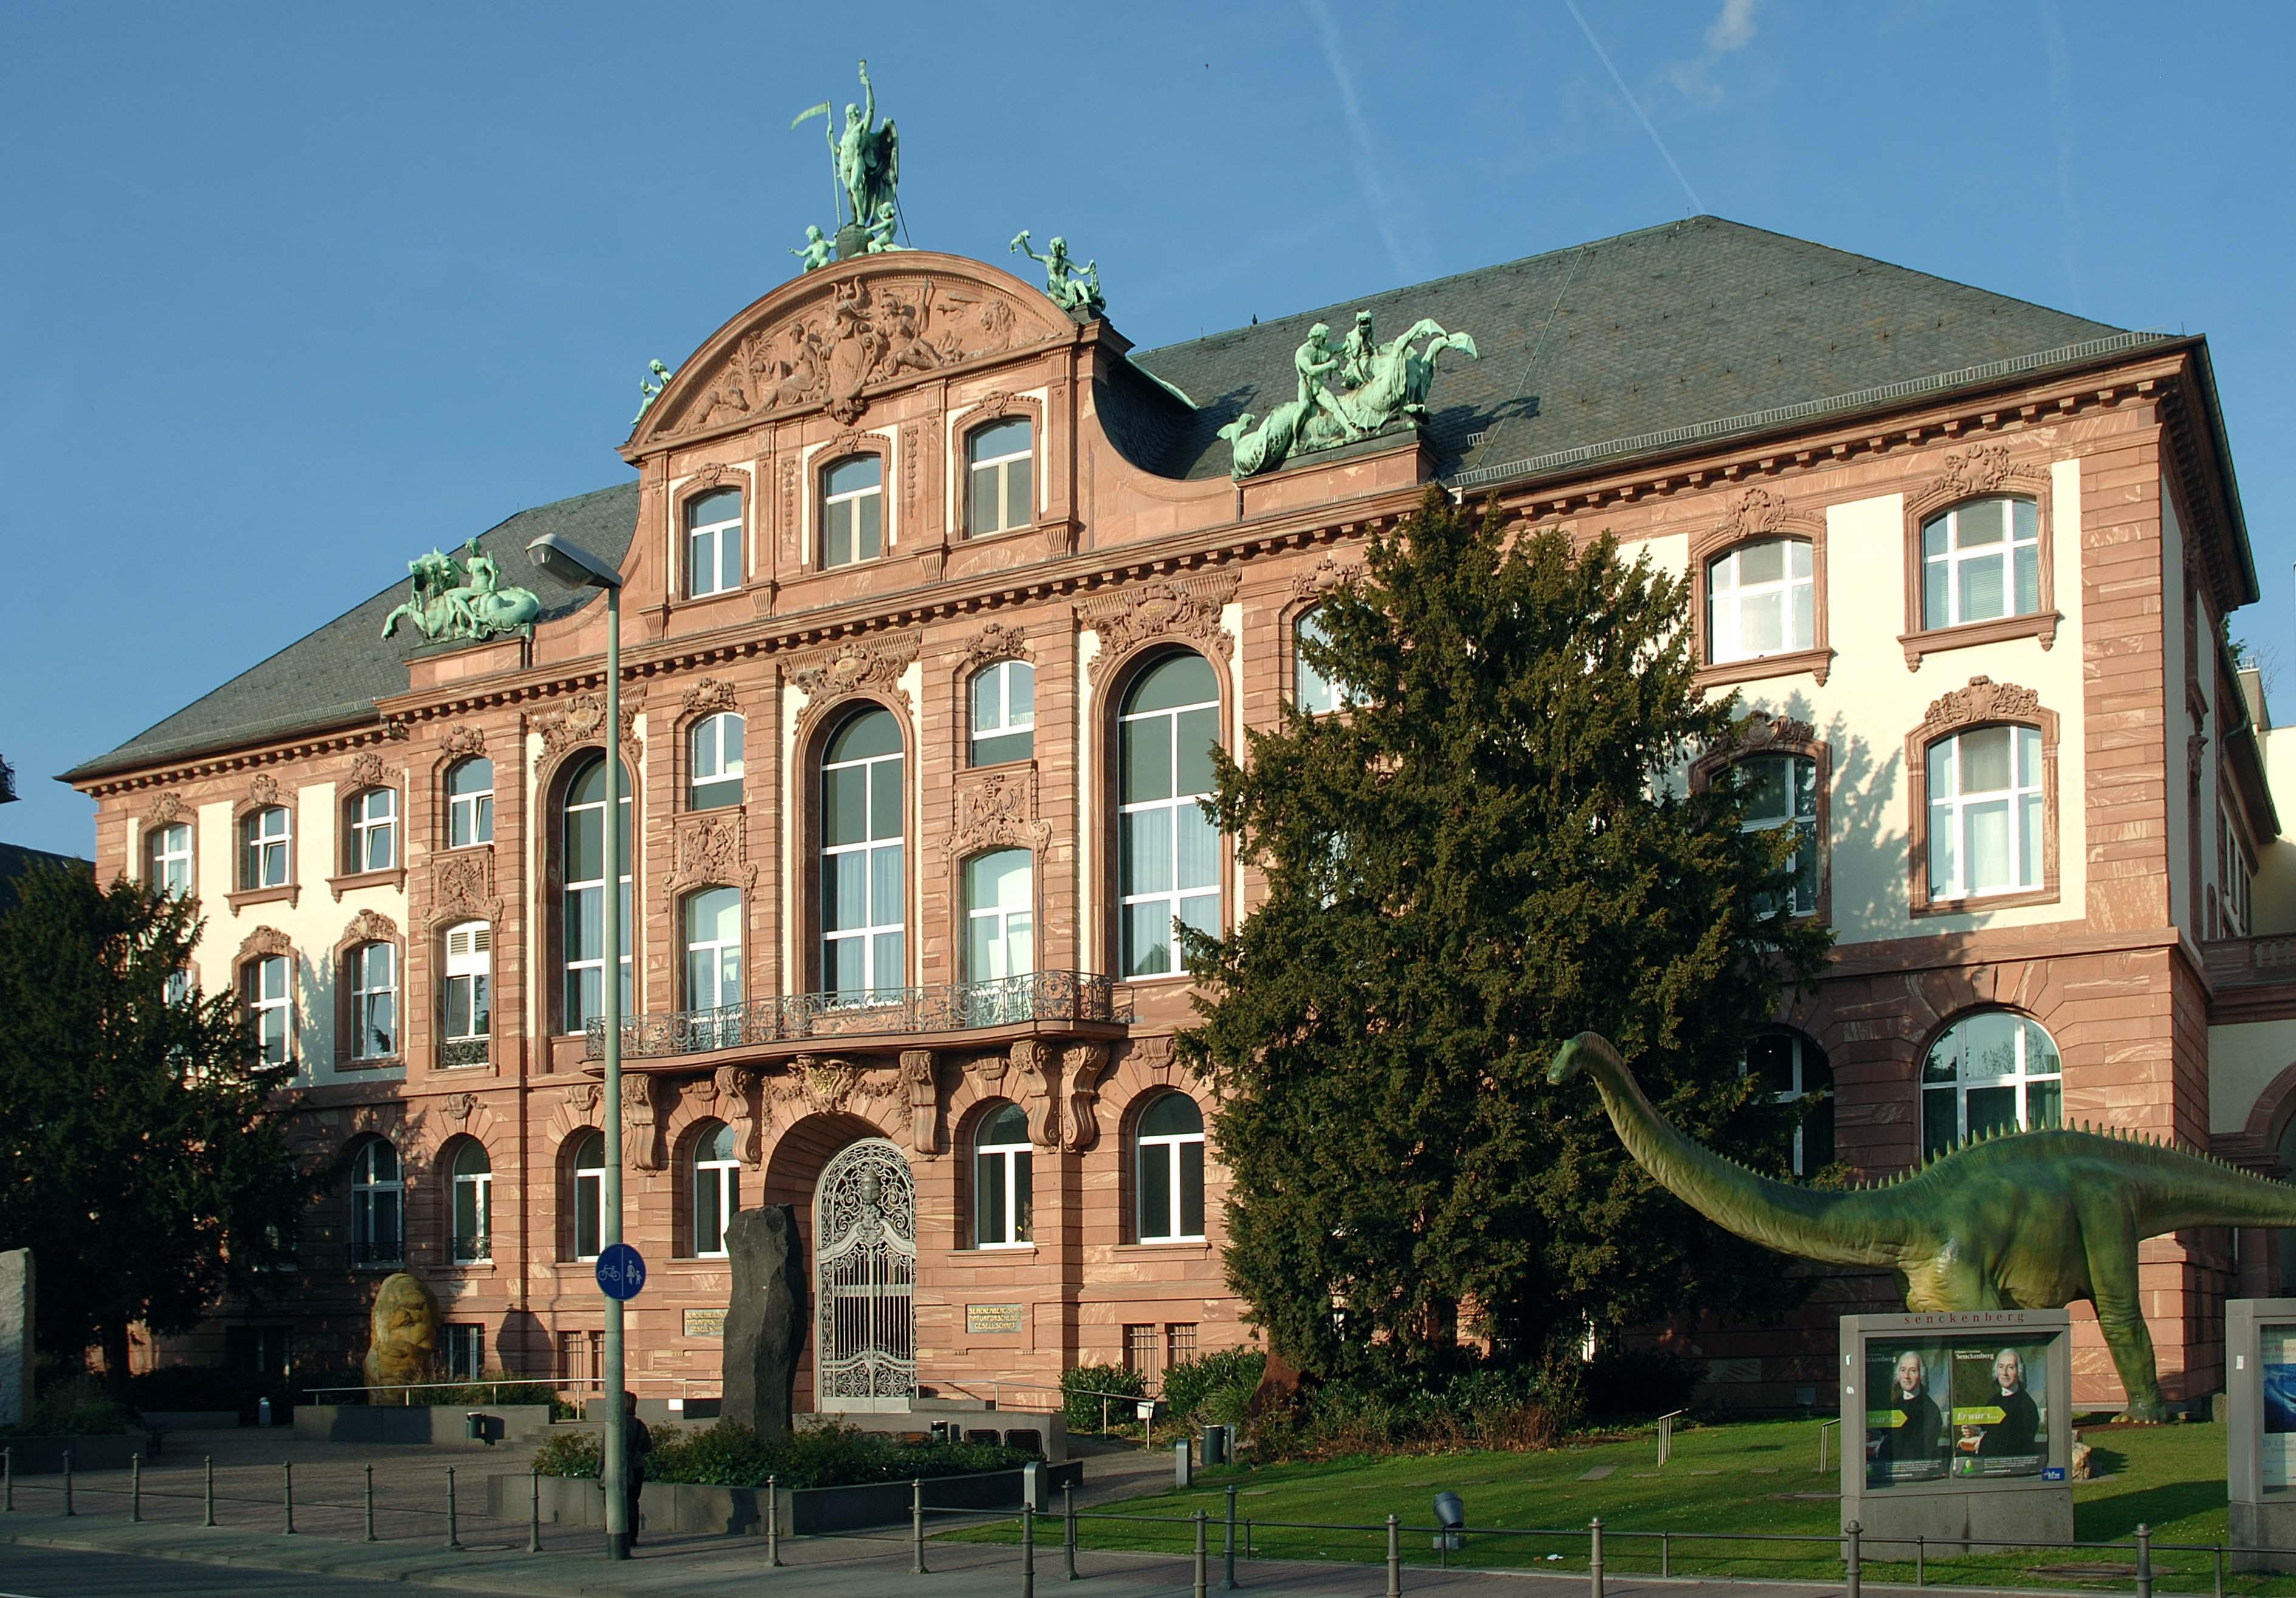 المانيا فرانكفورت اهم الاماكن السياحية متحف سينكنبرج للعلوم الطبيعية